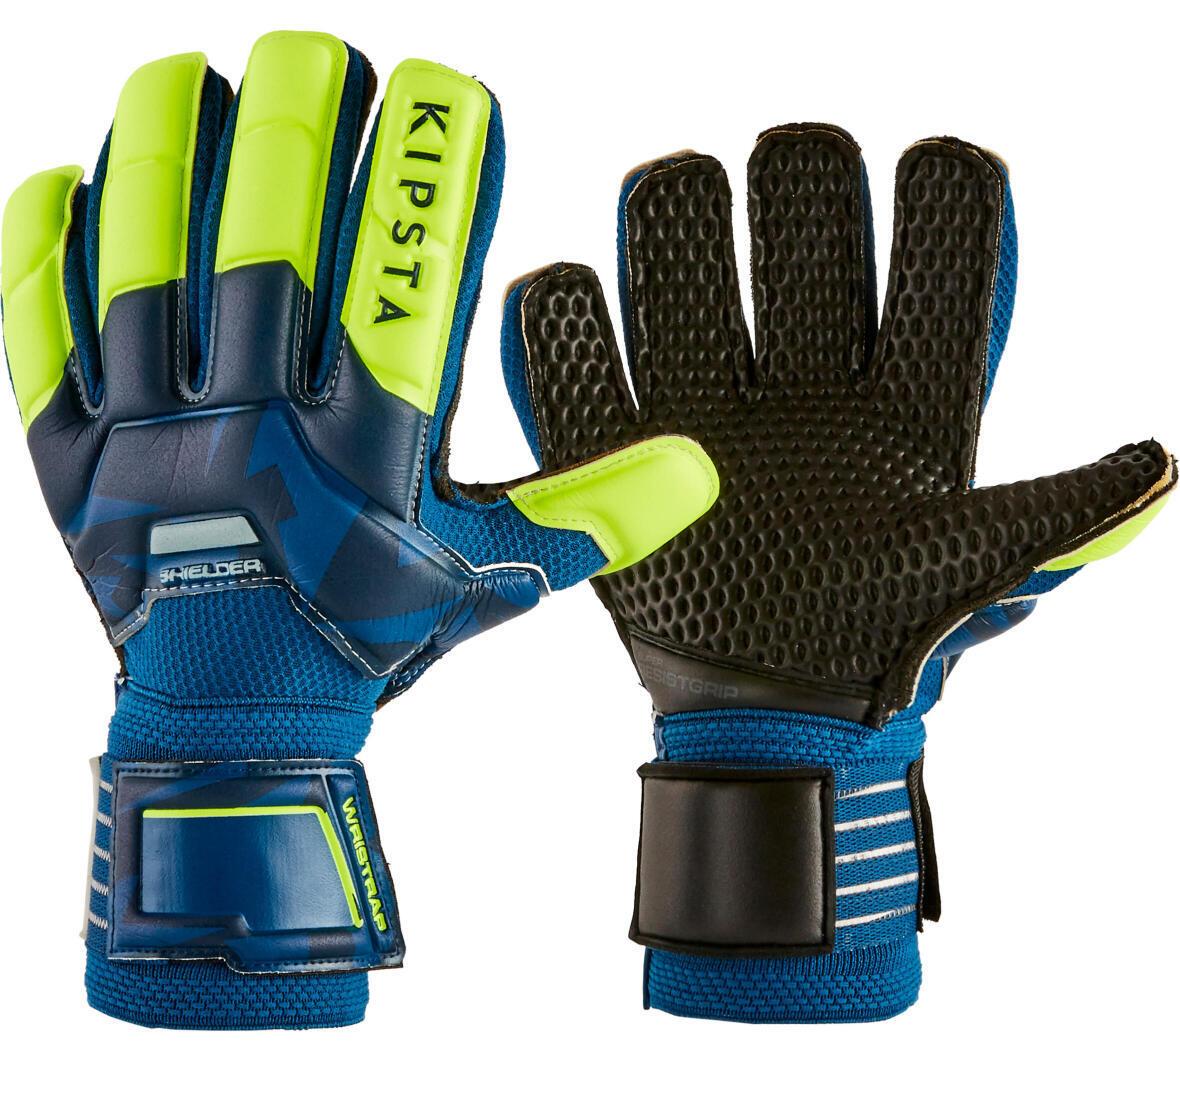 kipsta junior gloves